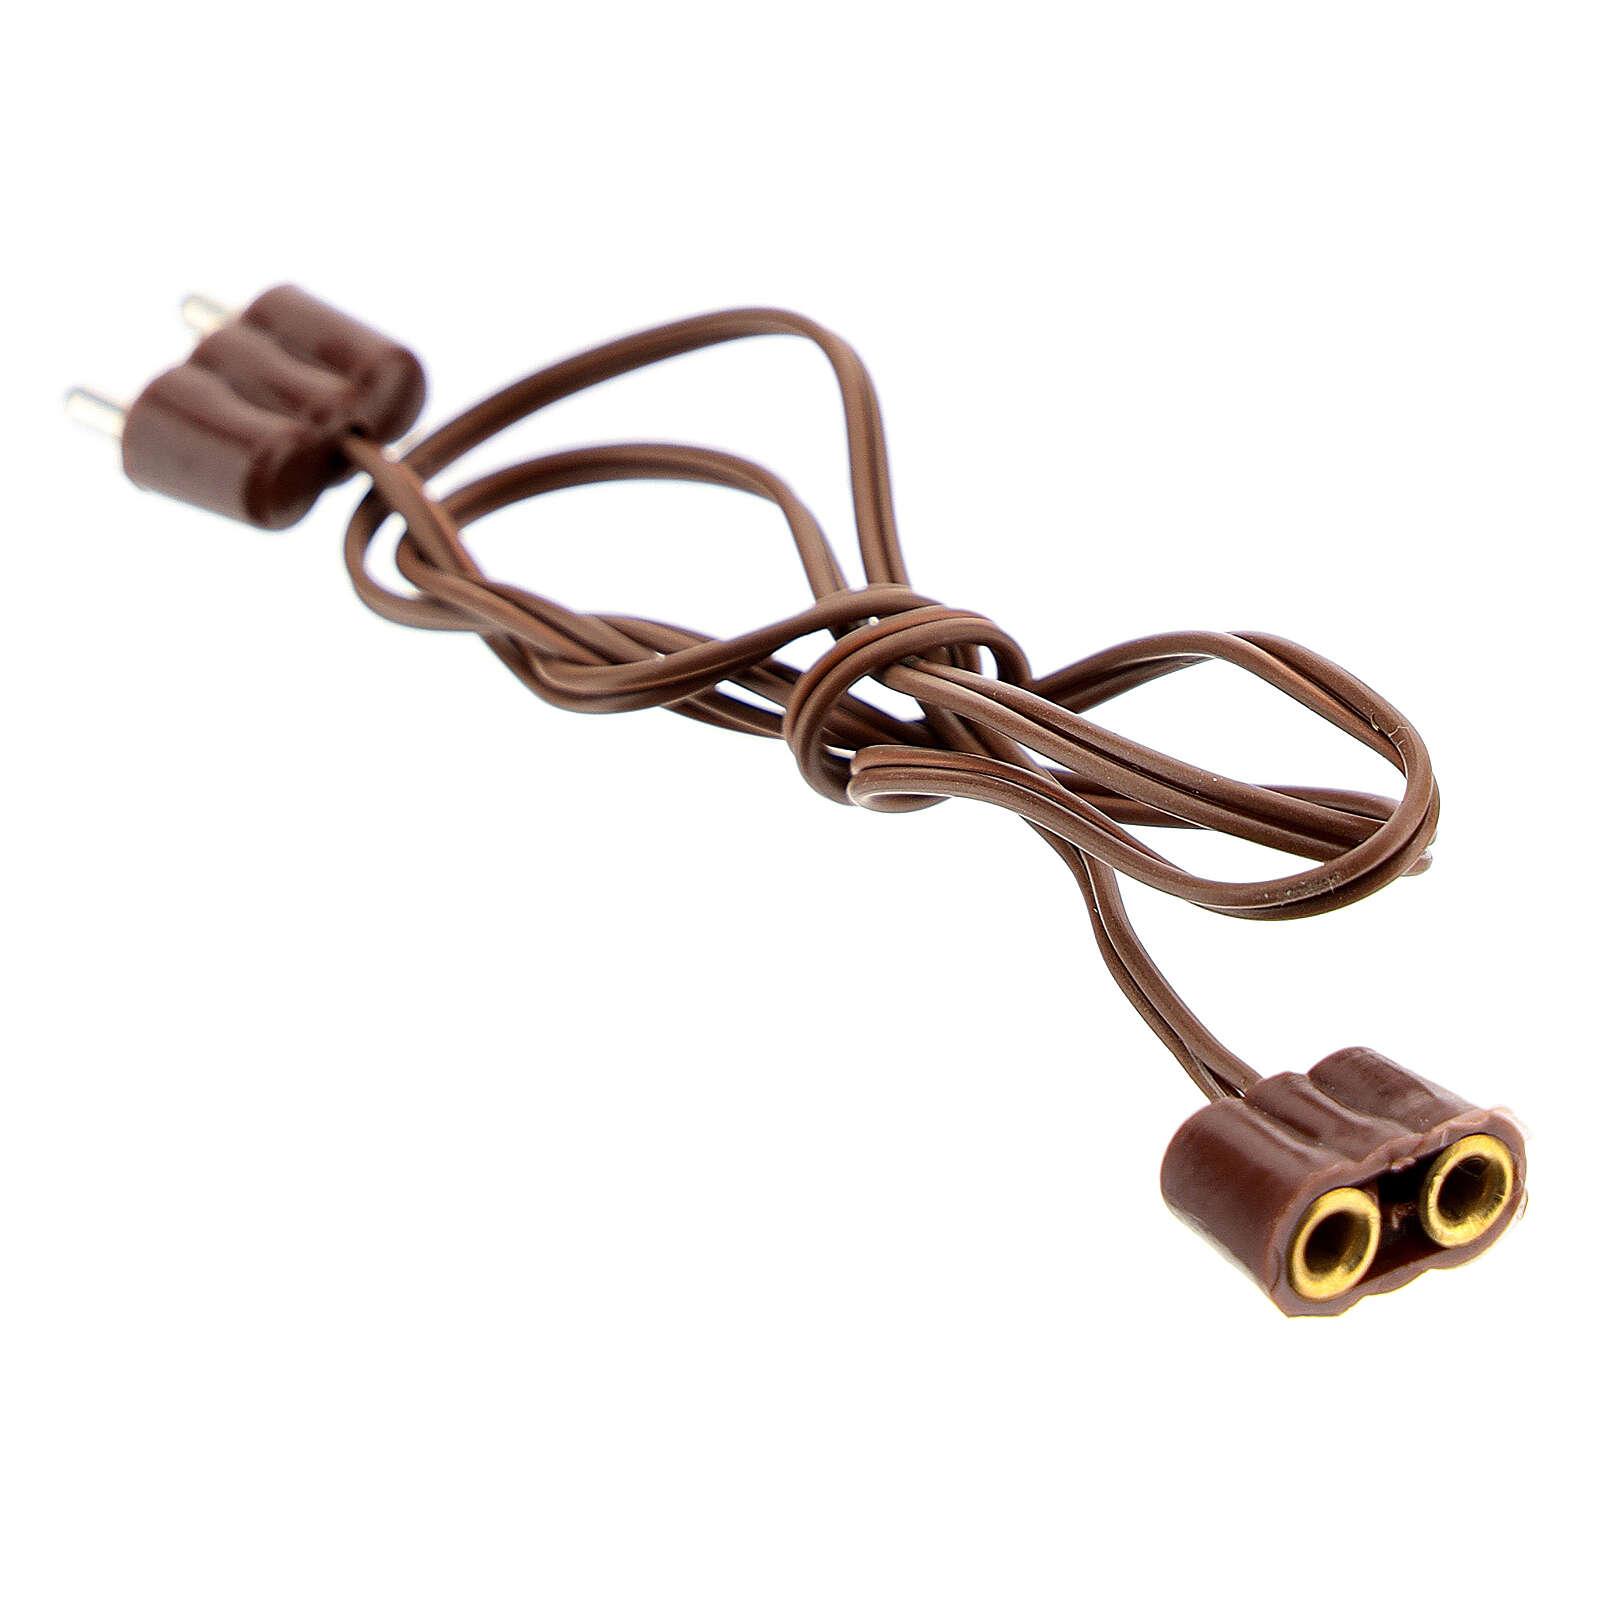 Alargador eléctrico baja tensión 4